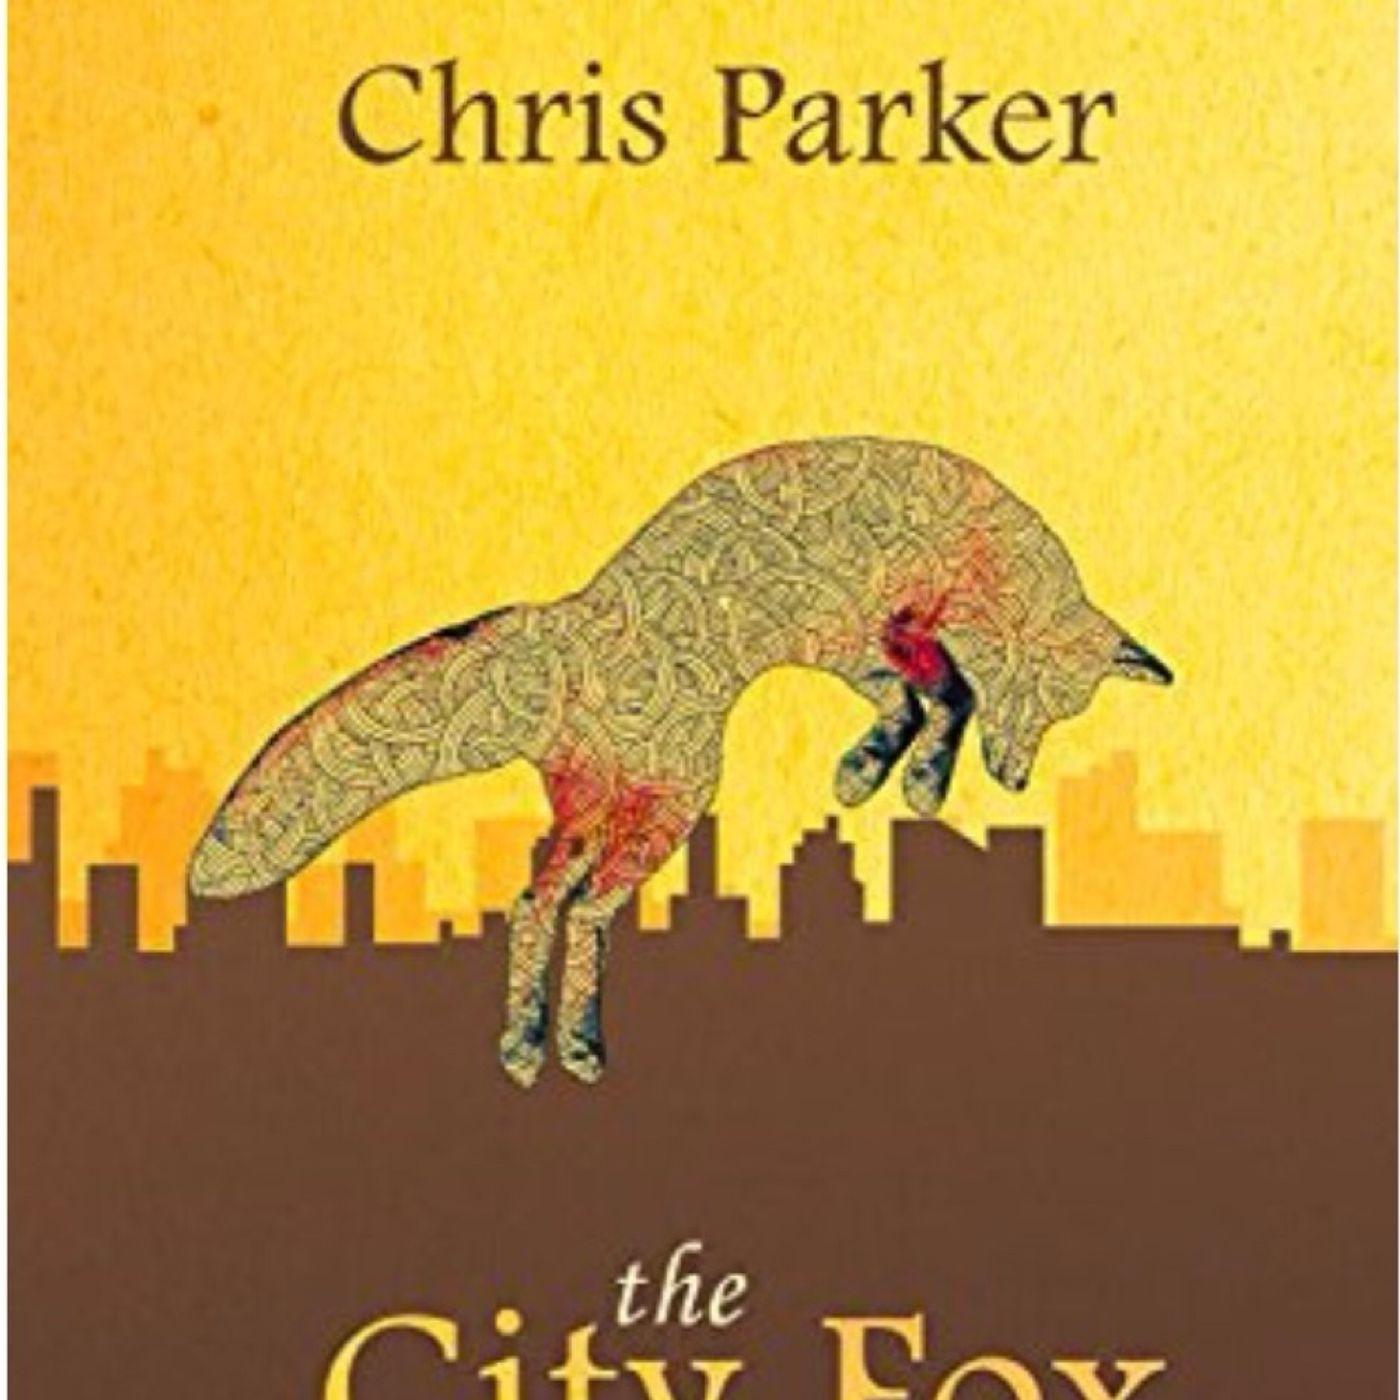 #56 Chris Parker - The City Fox